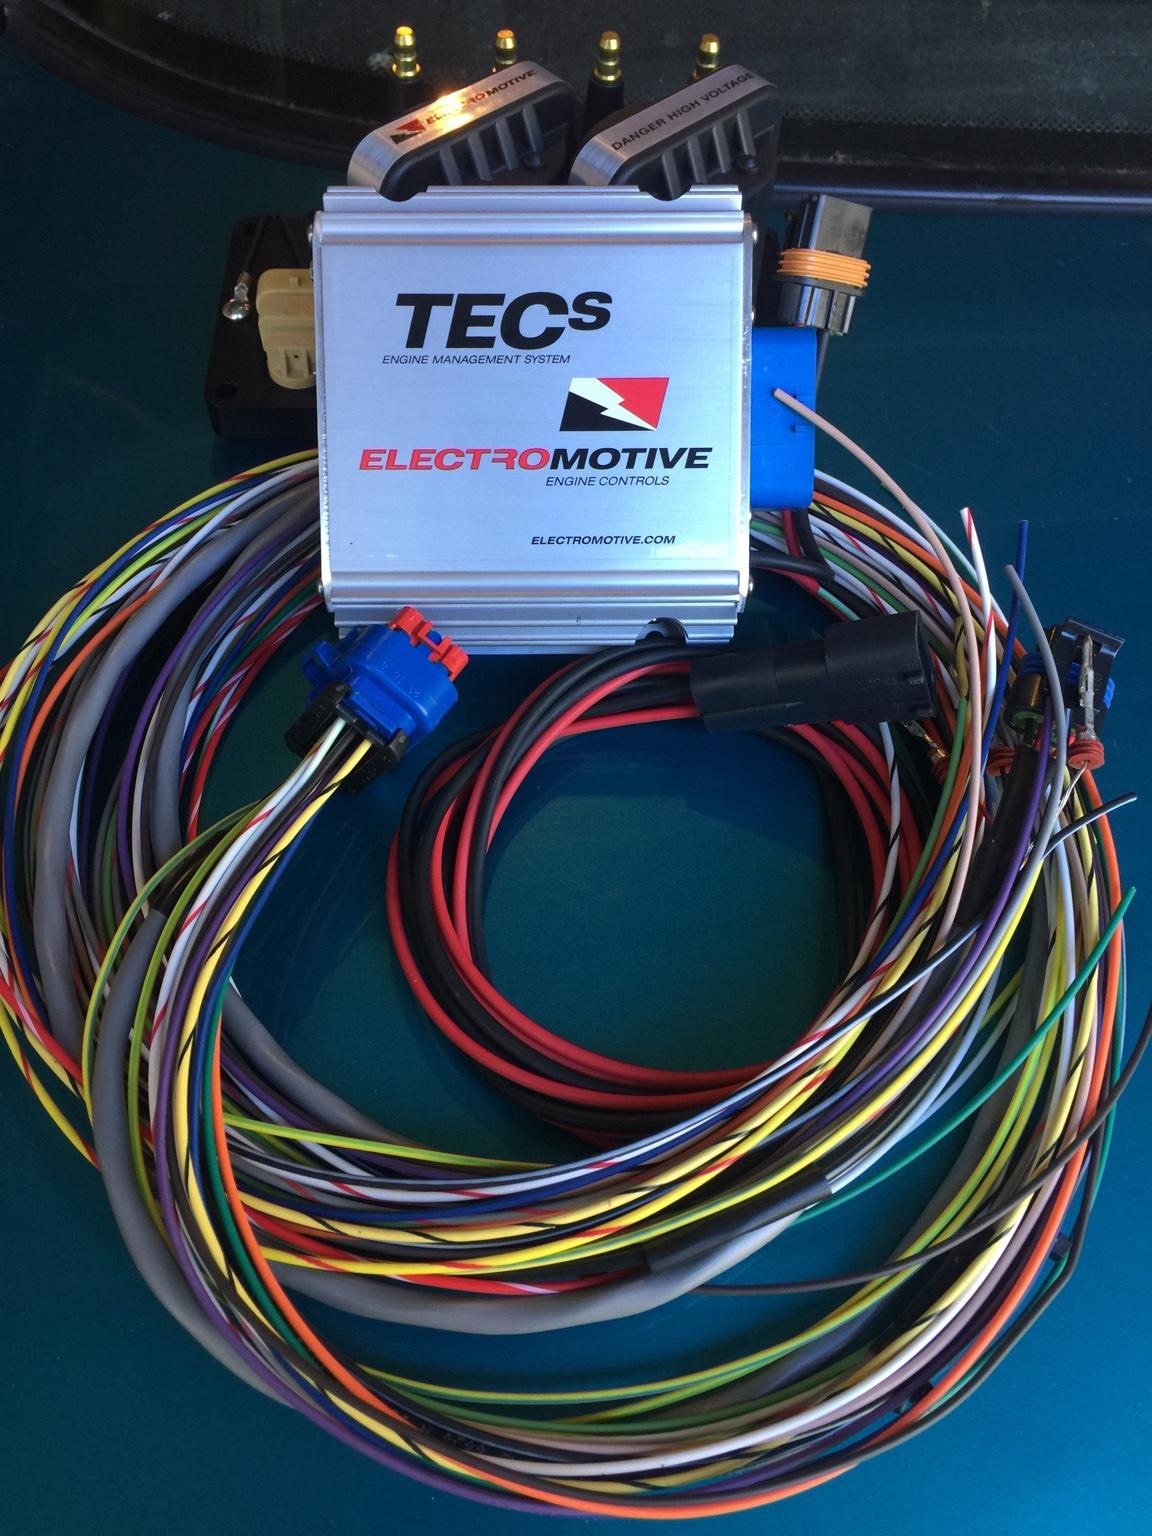 Electromotive engine management